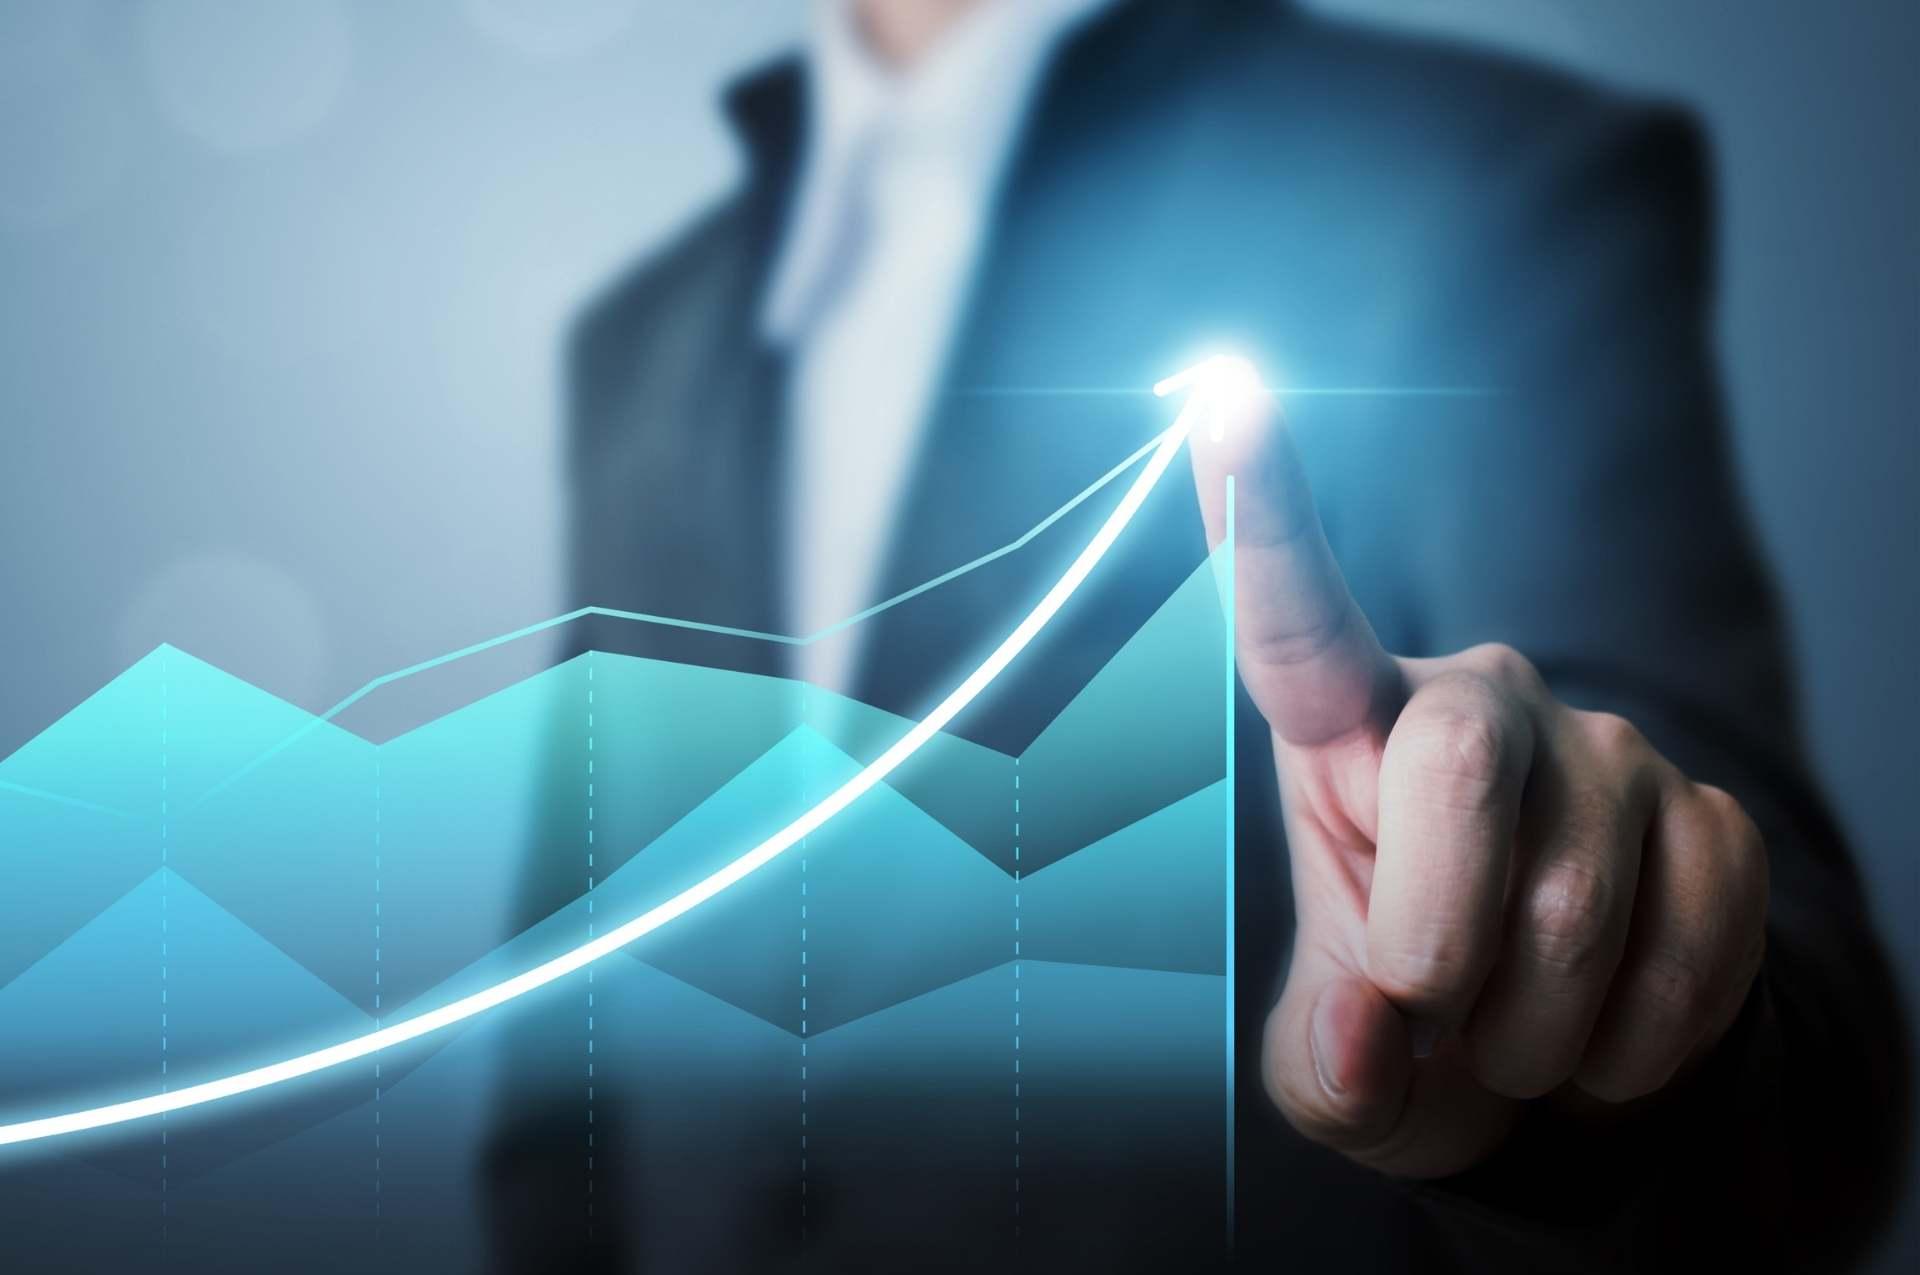 Di cosa ha bisogno la mia azienda per crescere?